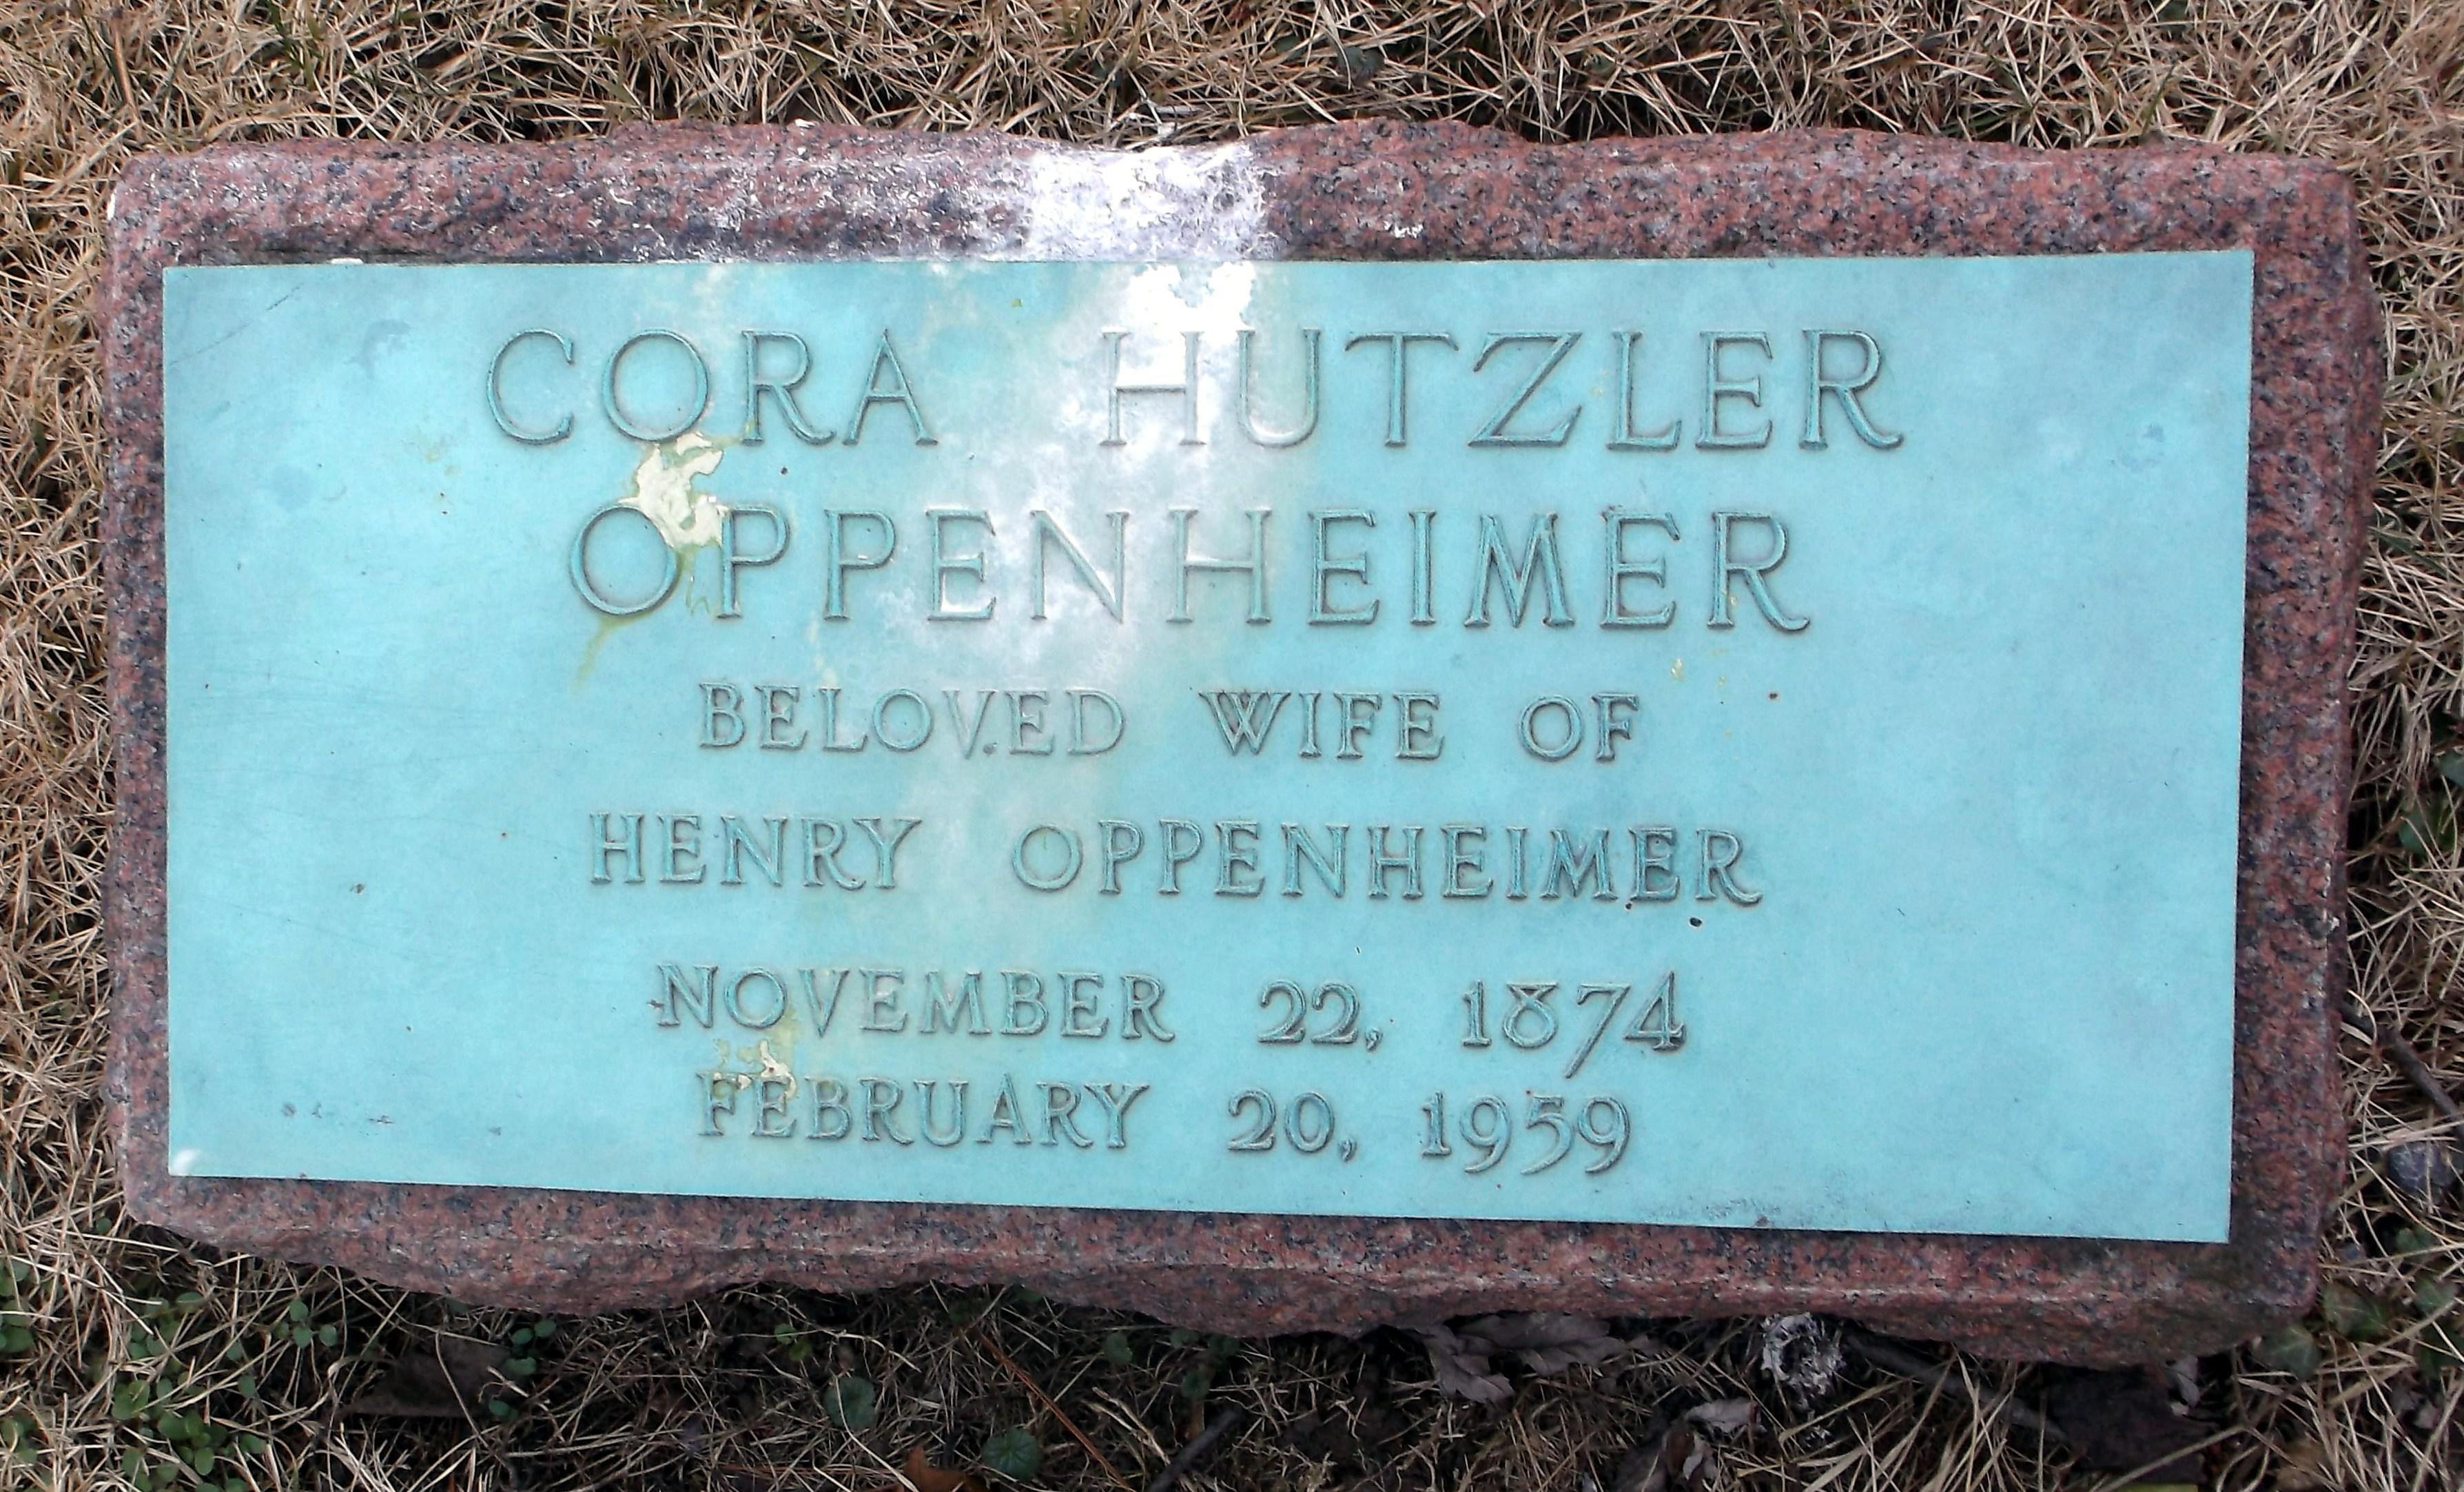 noel 2018 cora Cora Hutzler Oppenheimer (1874 1959)   Find A Grave Memorial noel 2018 cora